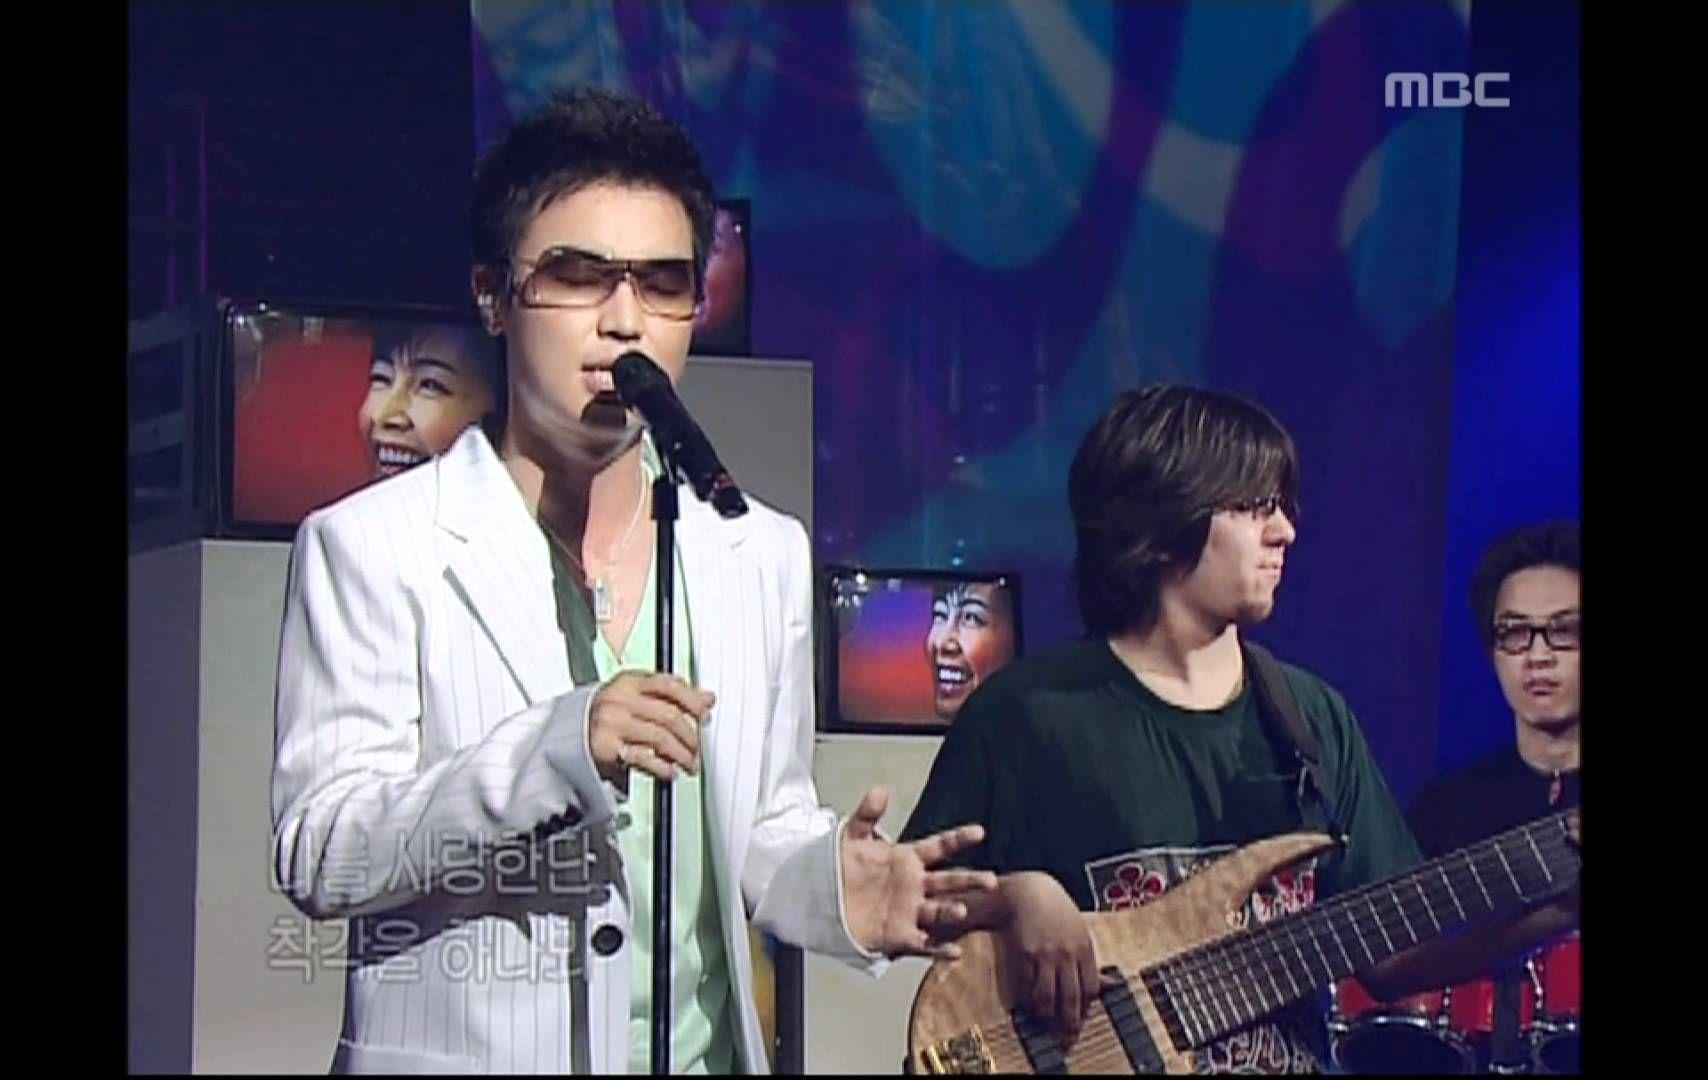 Kim Hyung-joong - She smiles, 김형중 - 그녀가 웃잖아, Music Camp 20040612